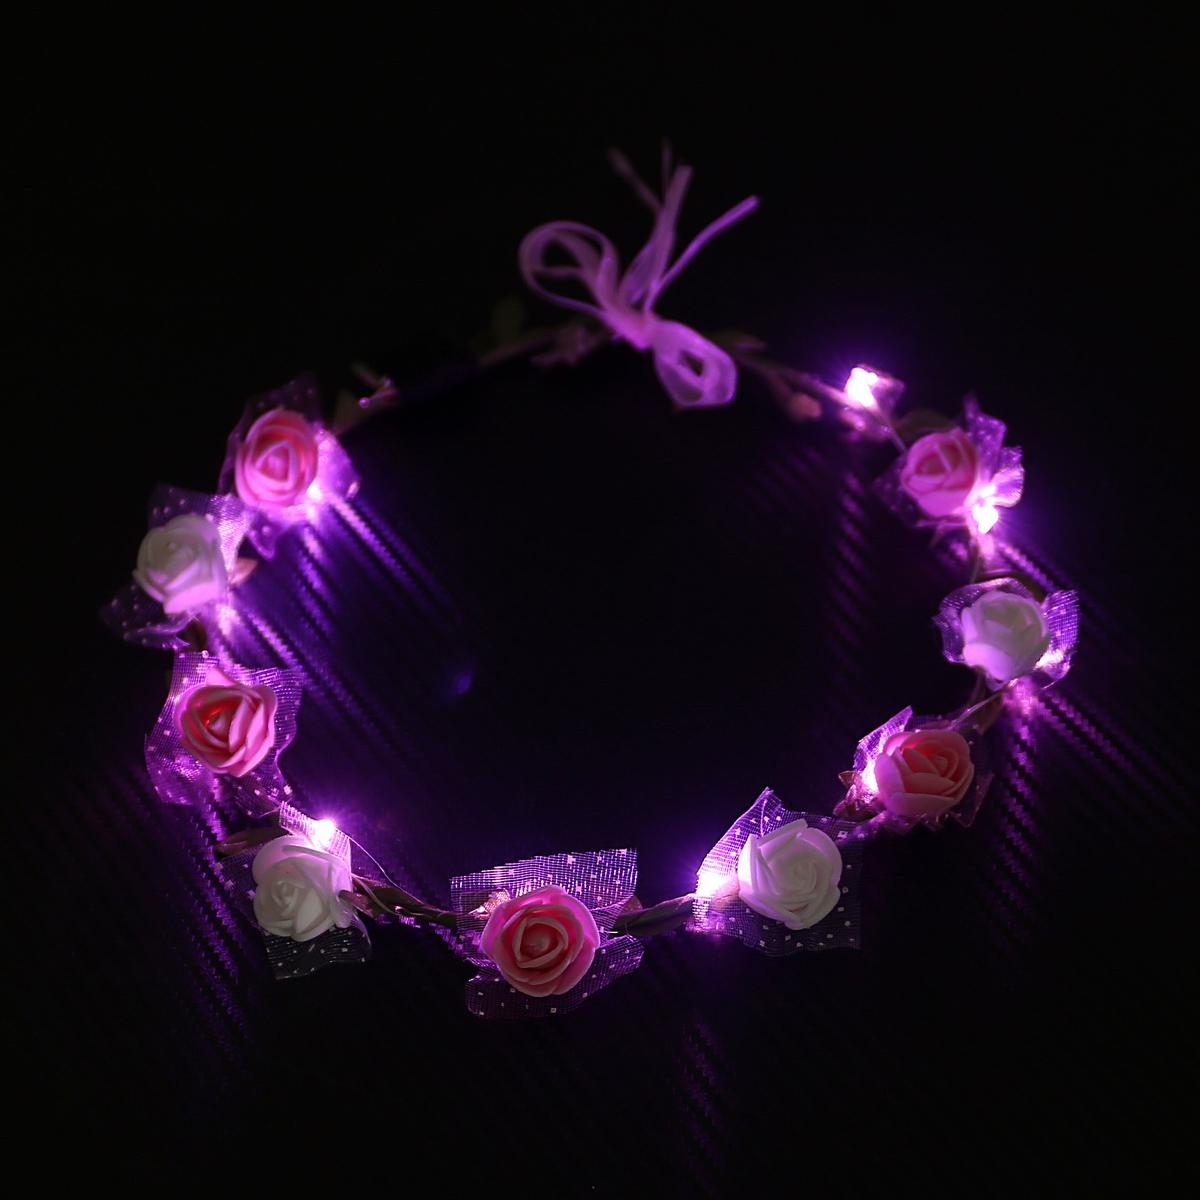 זר לראש פרחי סול ורוד ולבן עם אורות LED ורודים